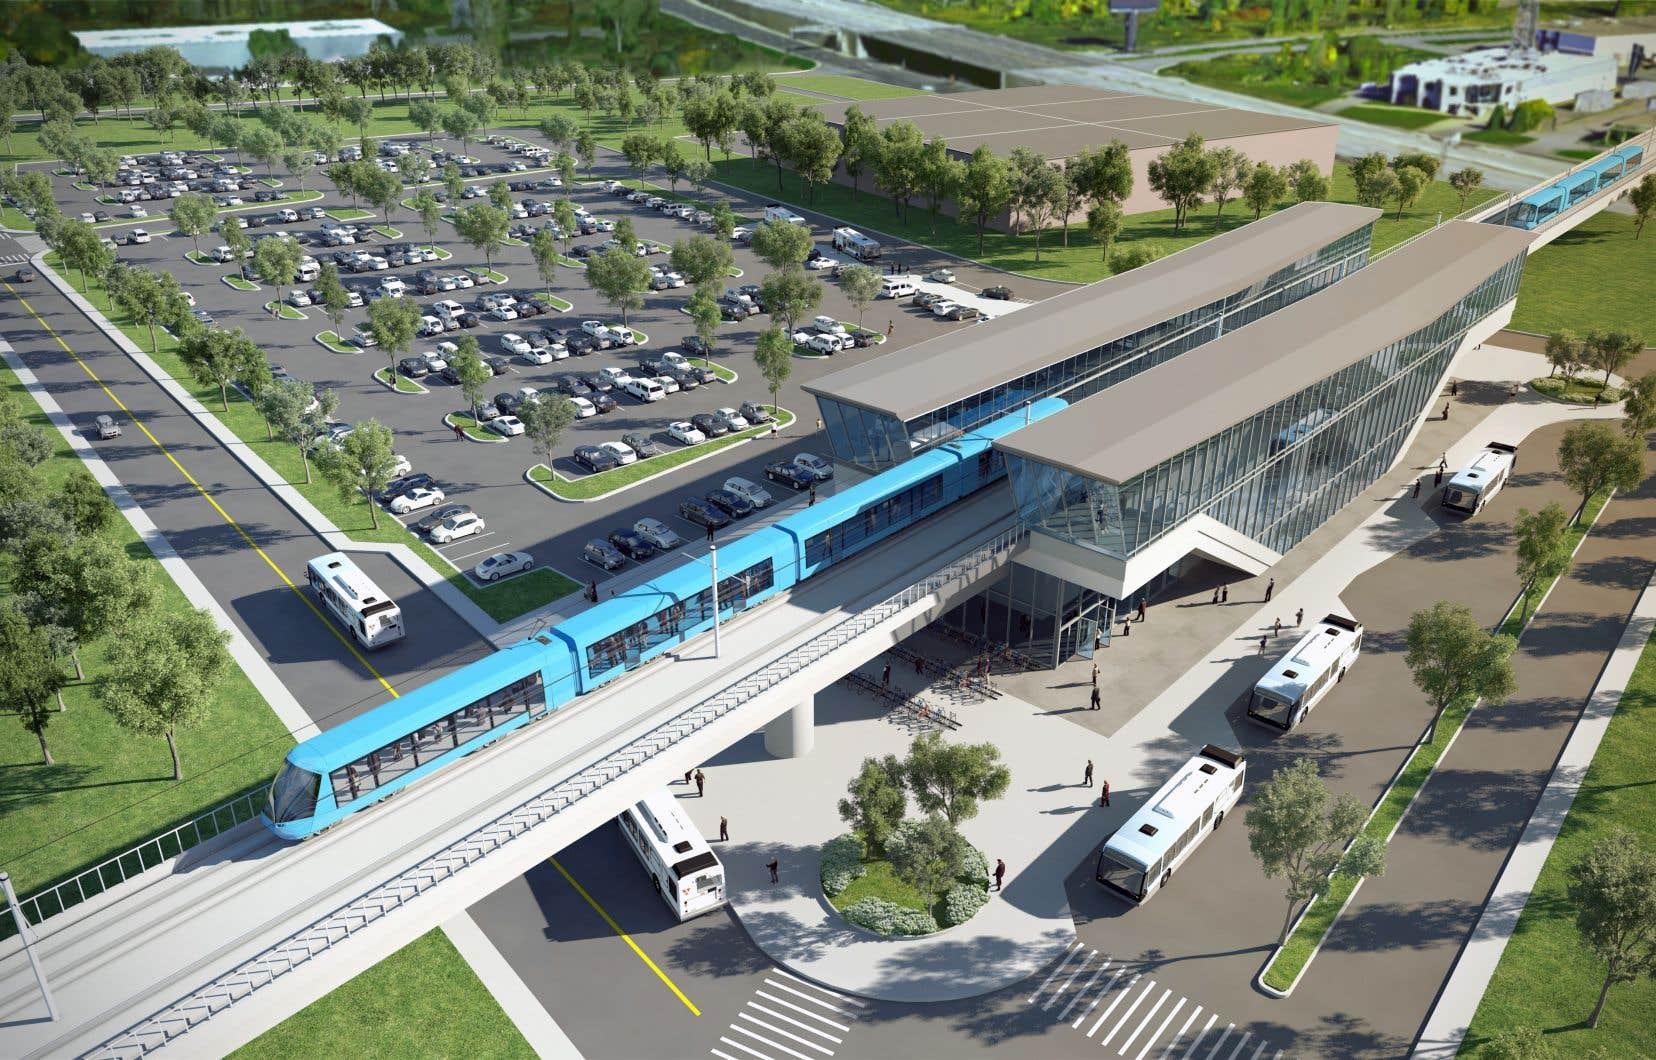 Est-il dans l'intérêt public de permettre la privatisation des transports publics sachant que ceux-ci sont essentiels à notre prospérité collective?C'est le cas du controversé projet de Réseau électrique métropolitain, soulignent les auteurs.